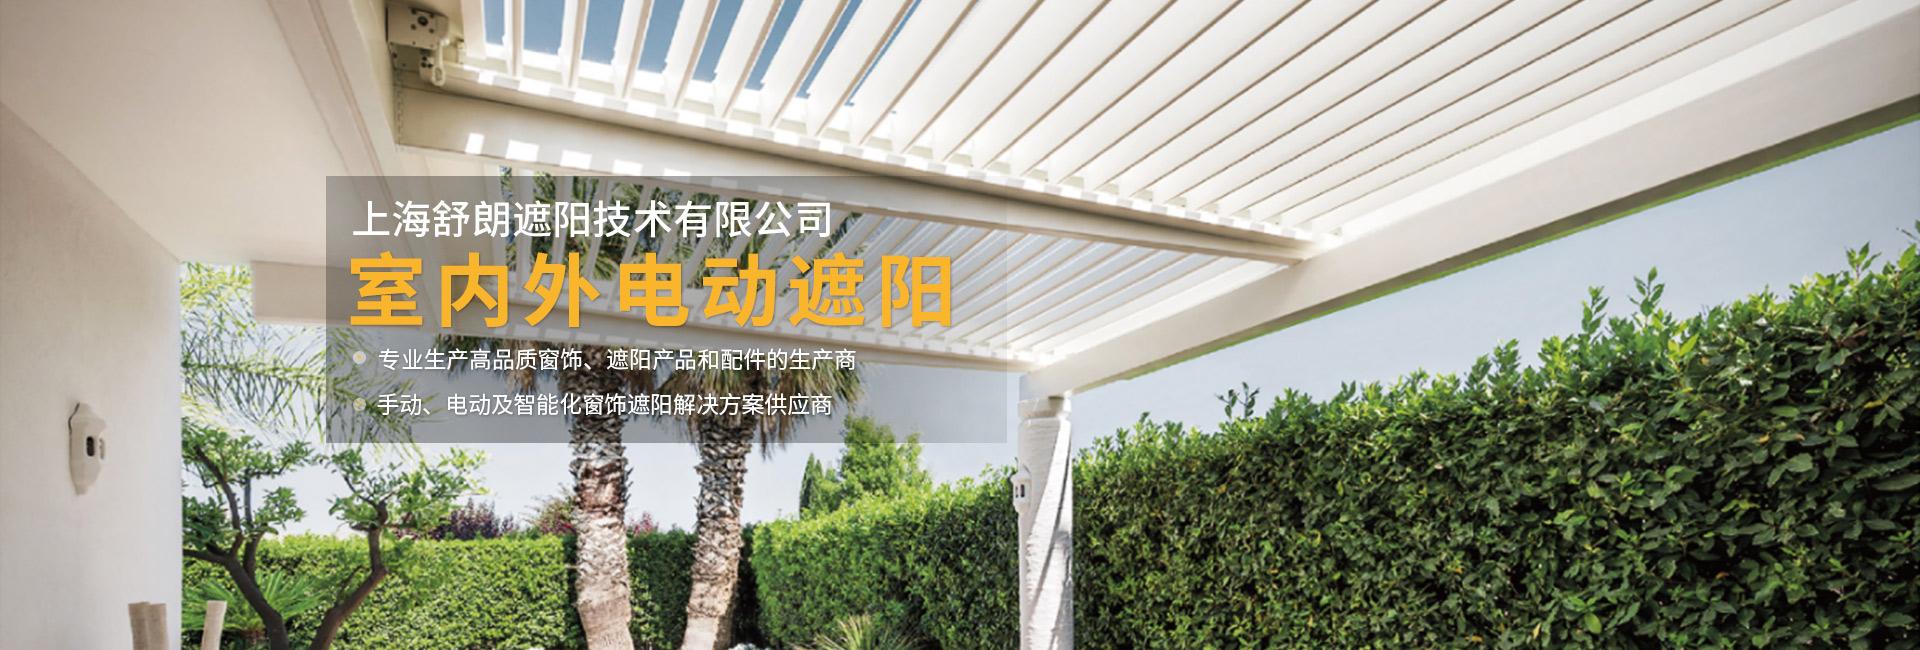 上海舒朗遮阳技术有限公司